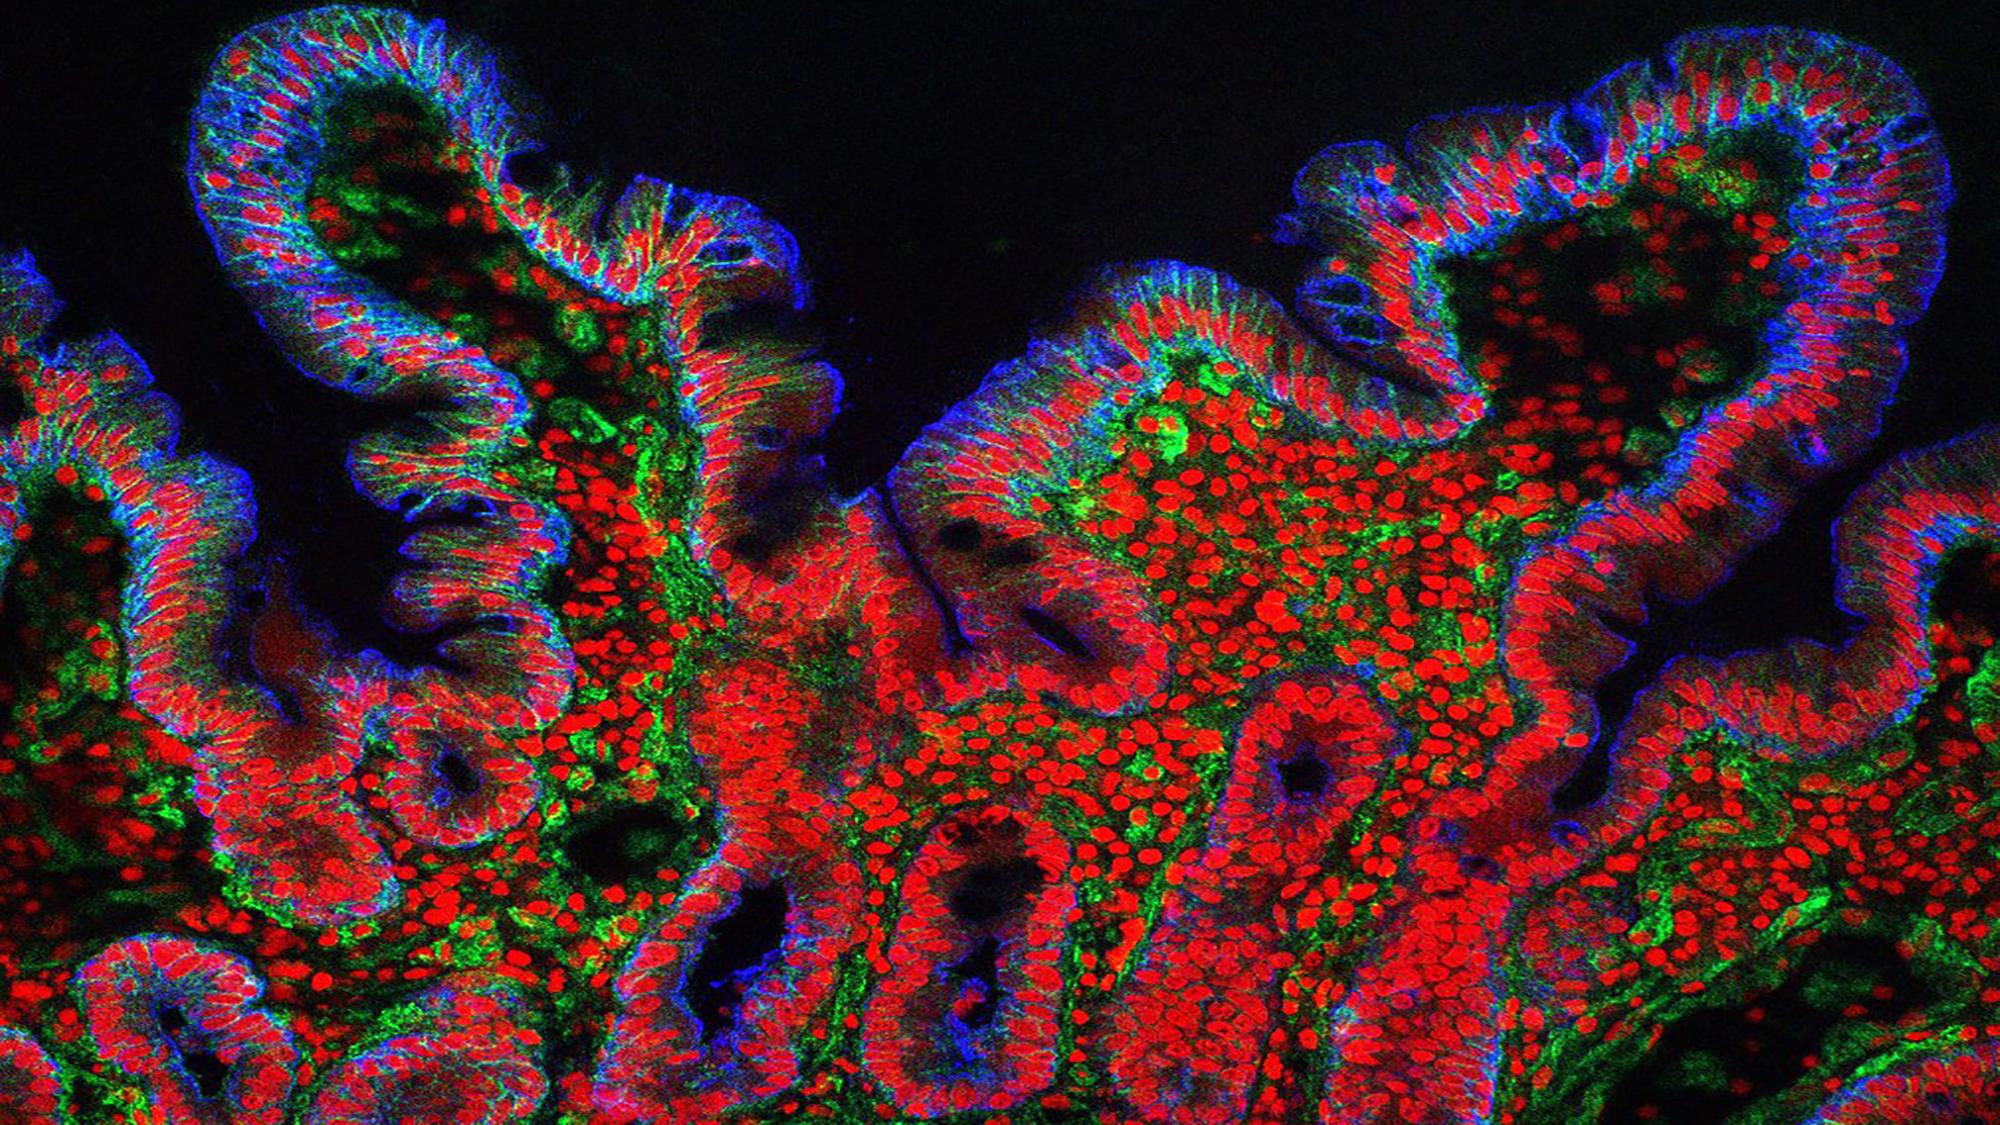 Vellosidades del intestino delgado. Crédito: S. Schuller. CC BY